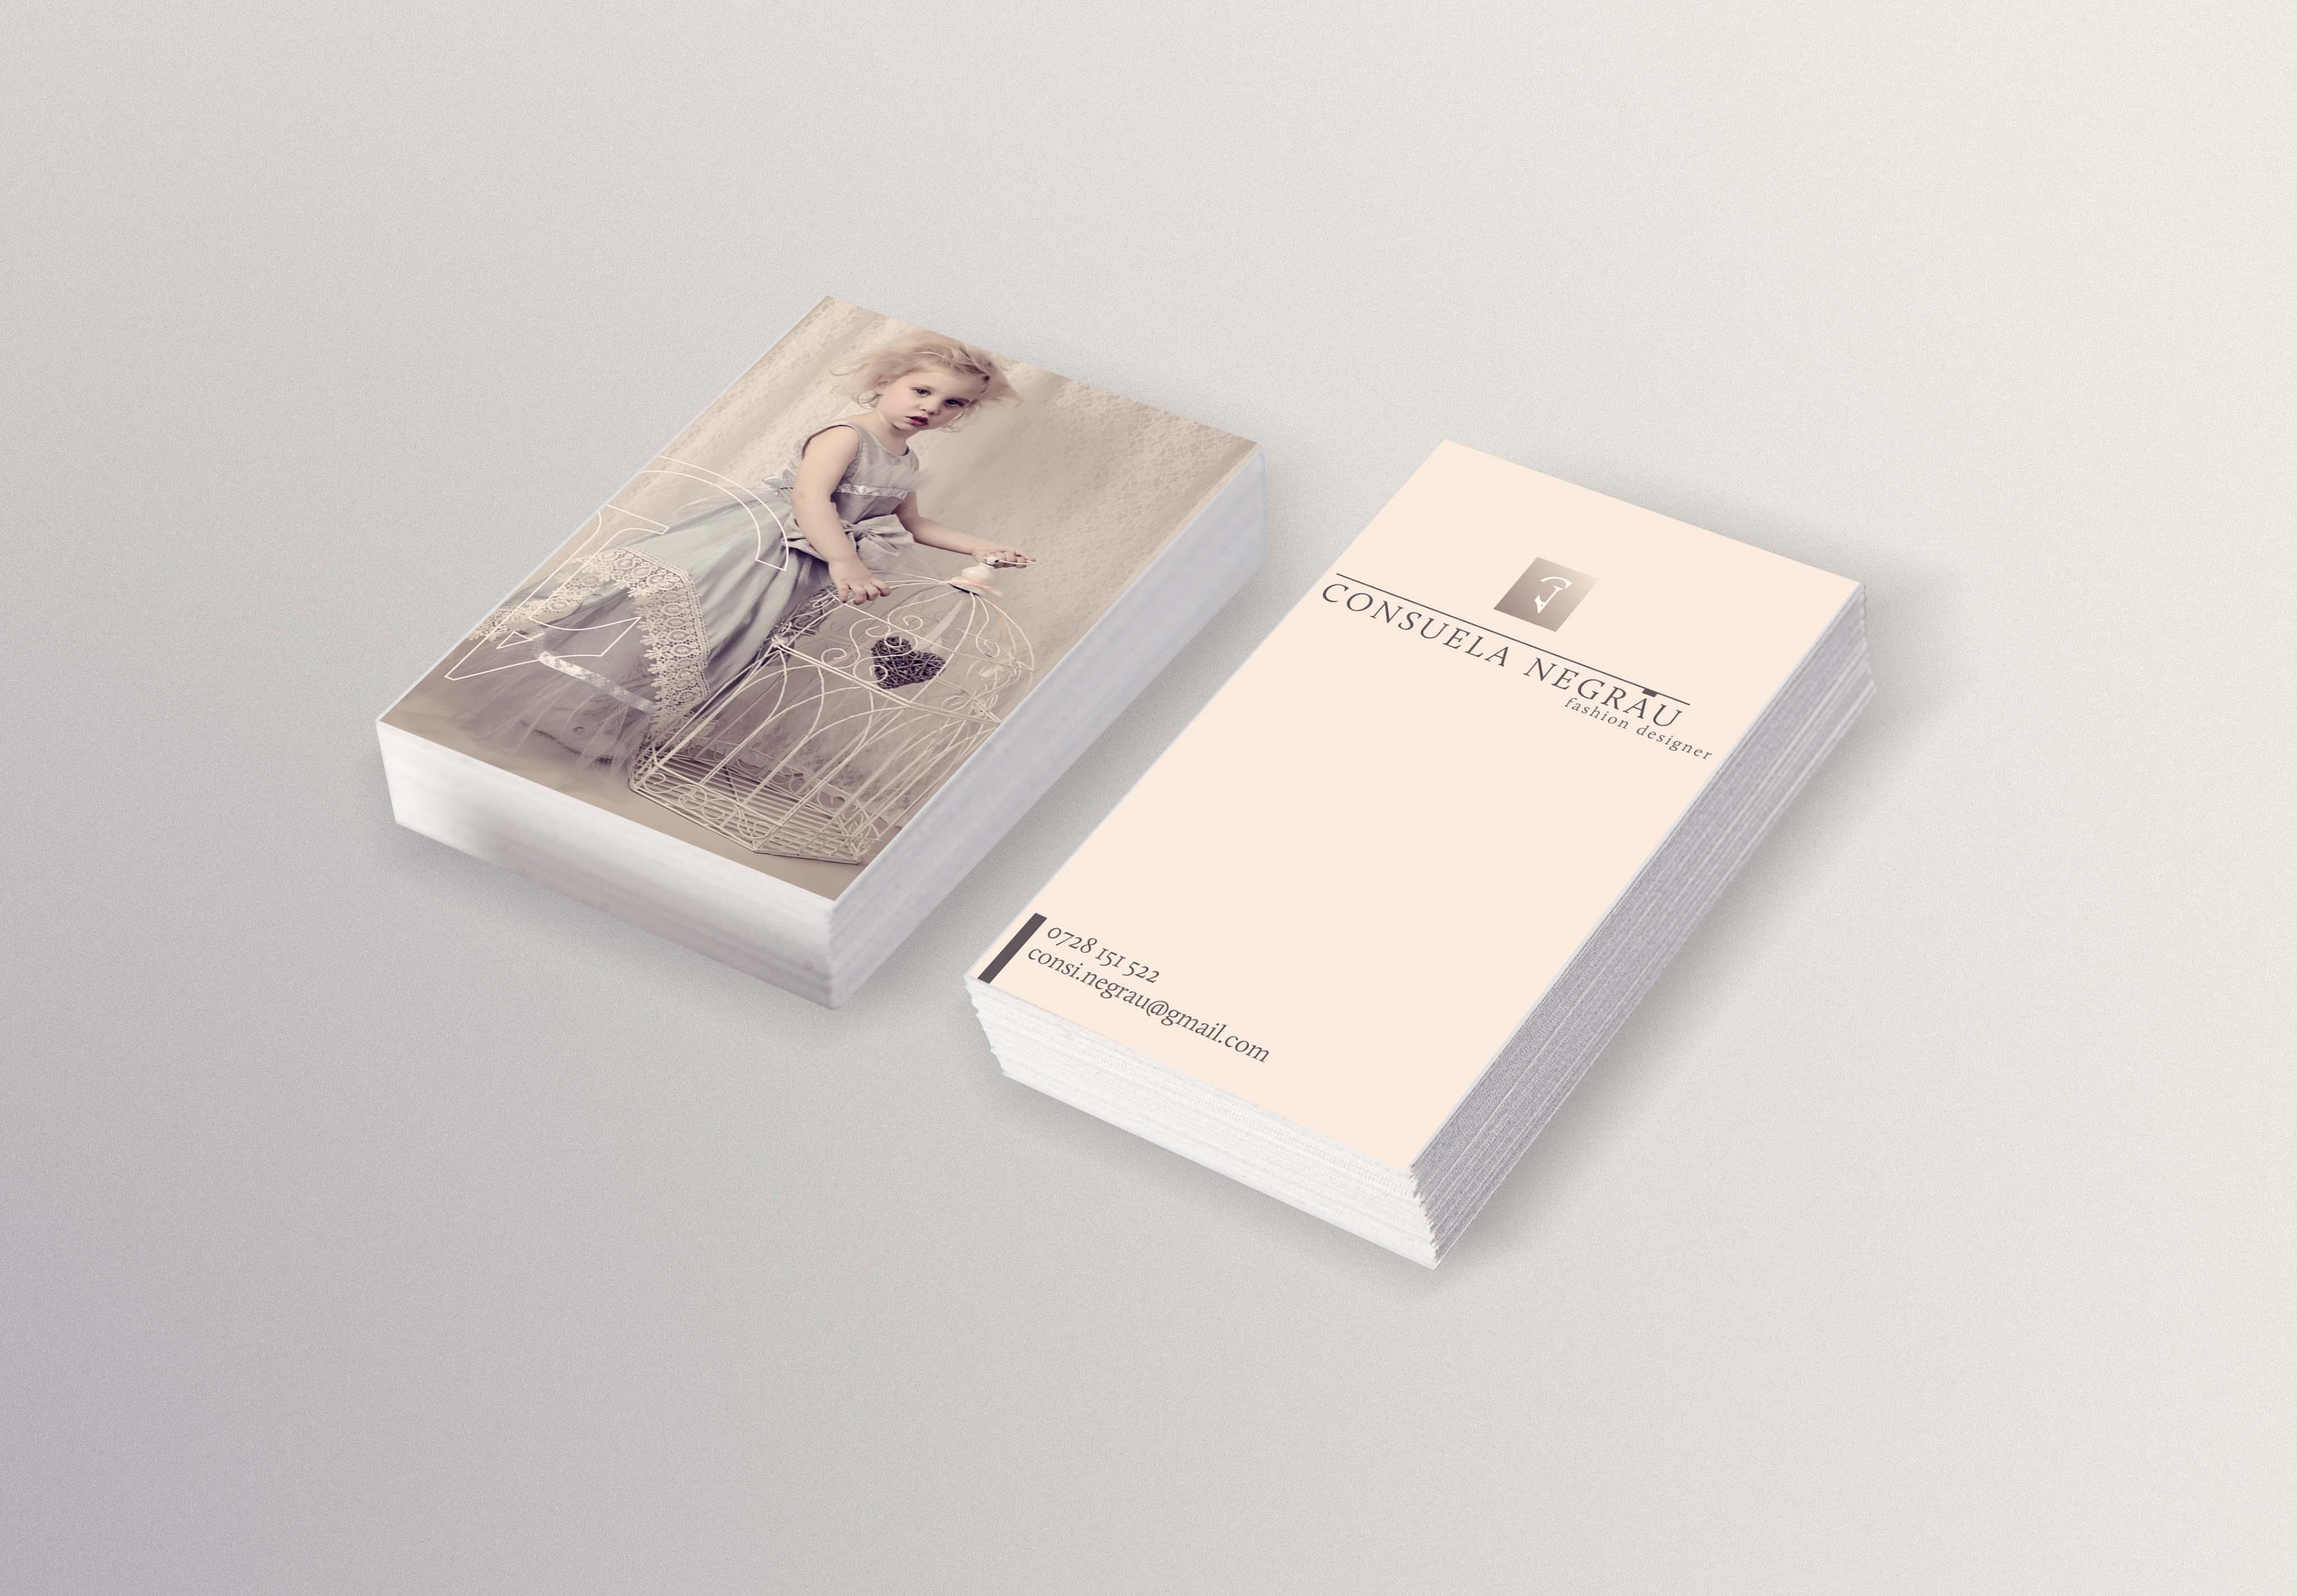 consuela_business_cards_1